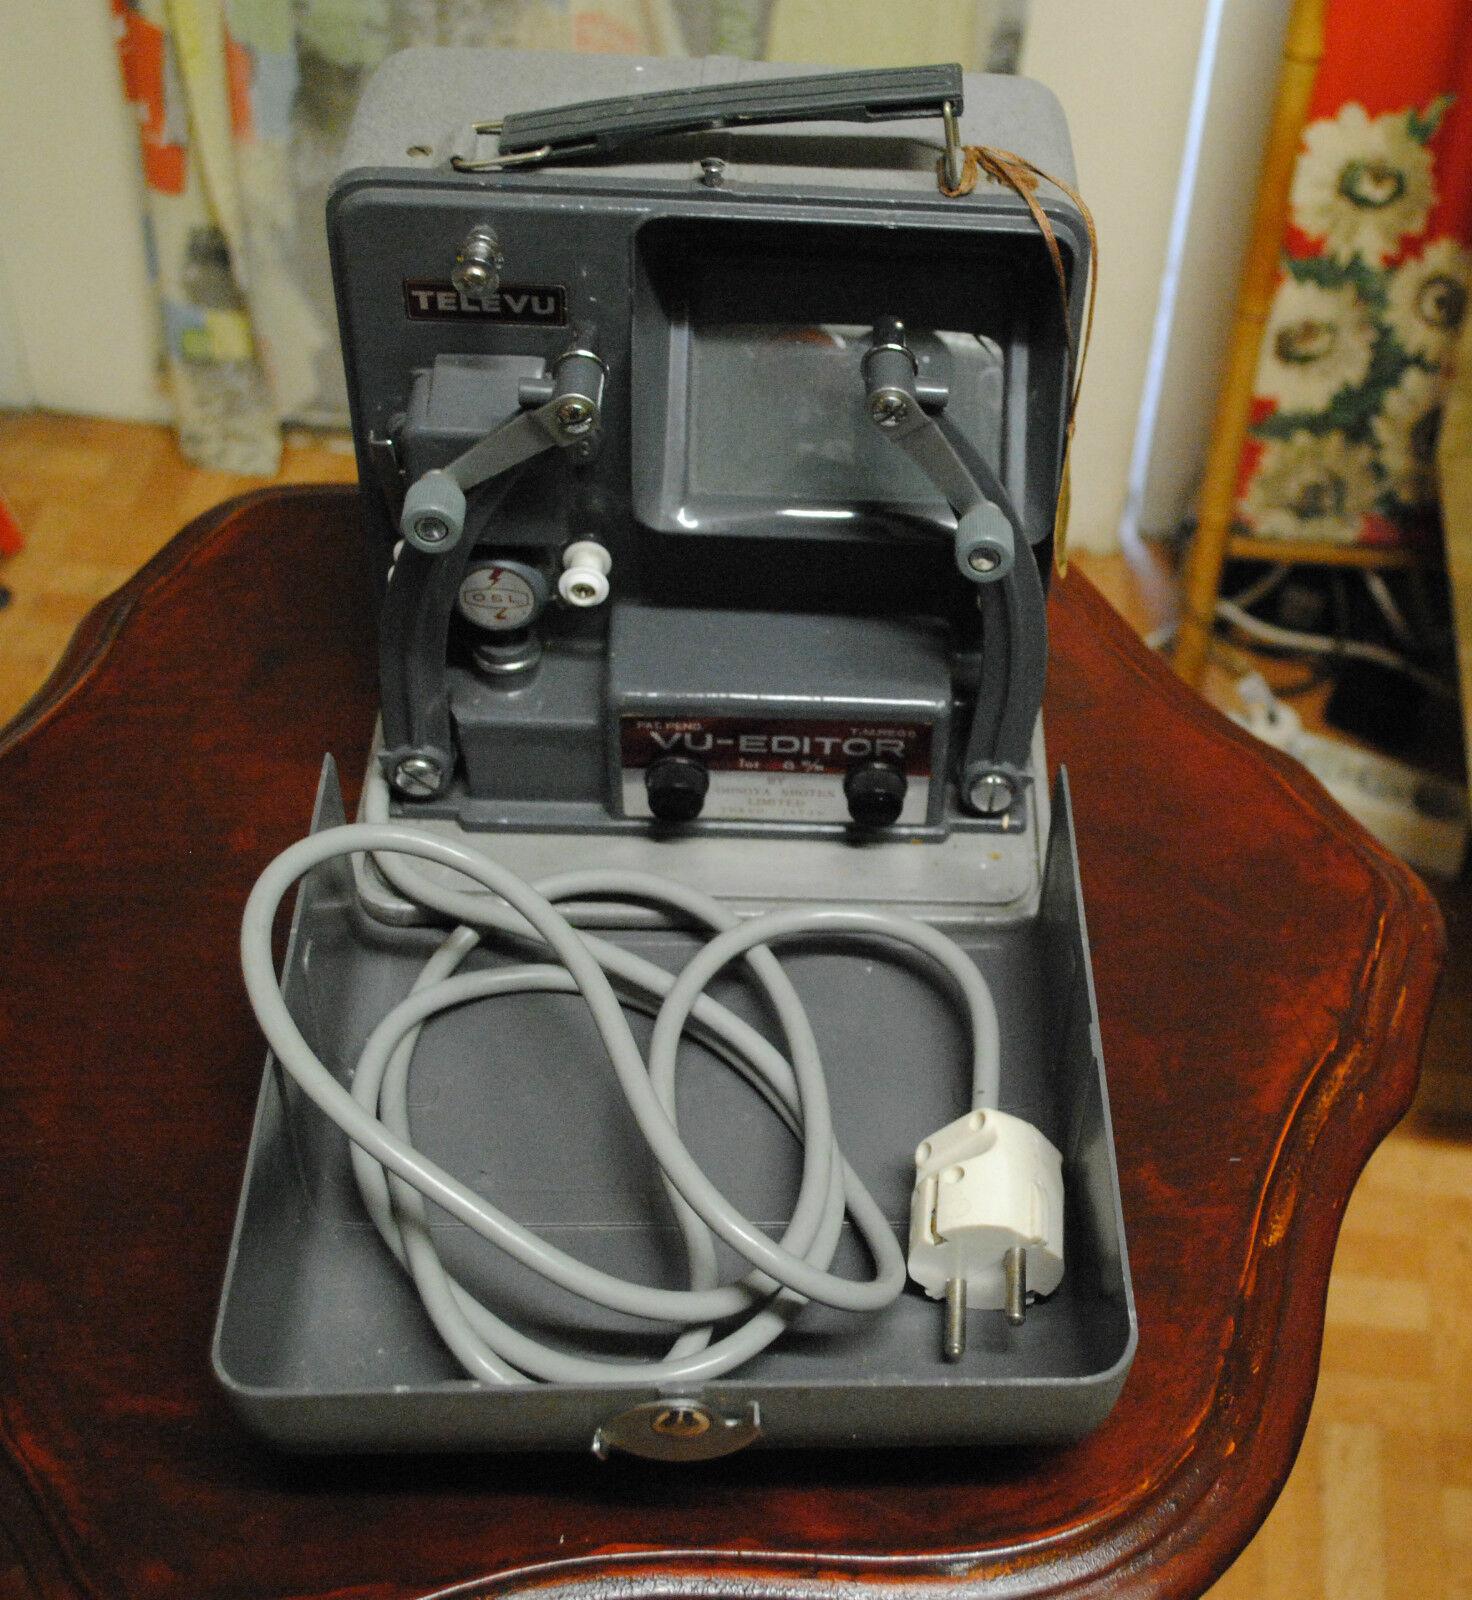 50° Vu Editor Tele Vu Proiettore cinematografico 8mm Made in Japan